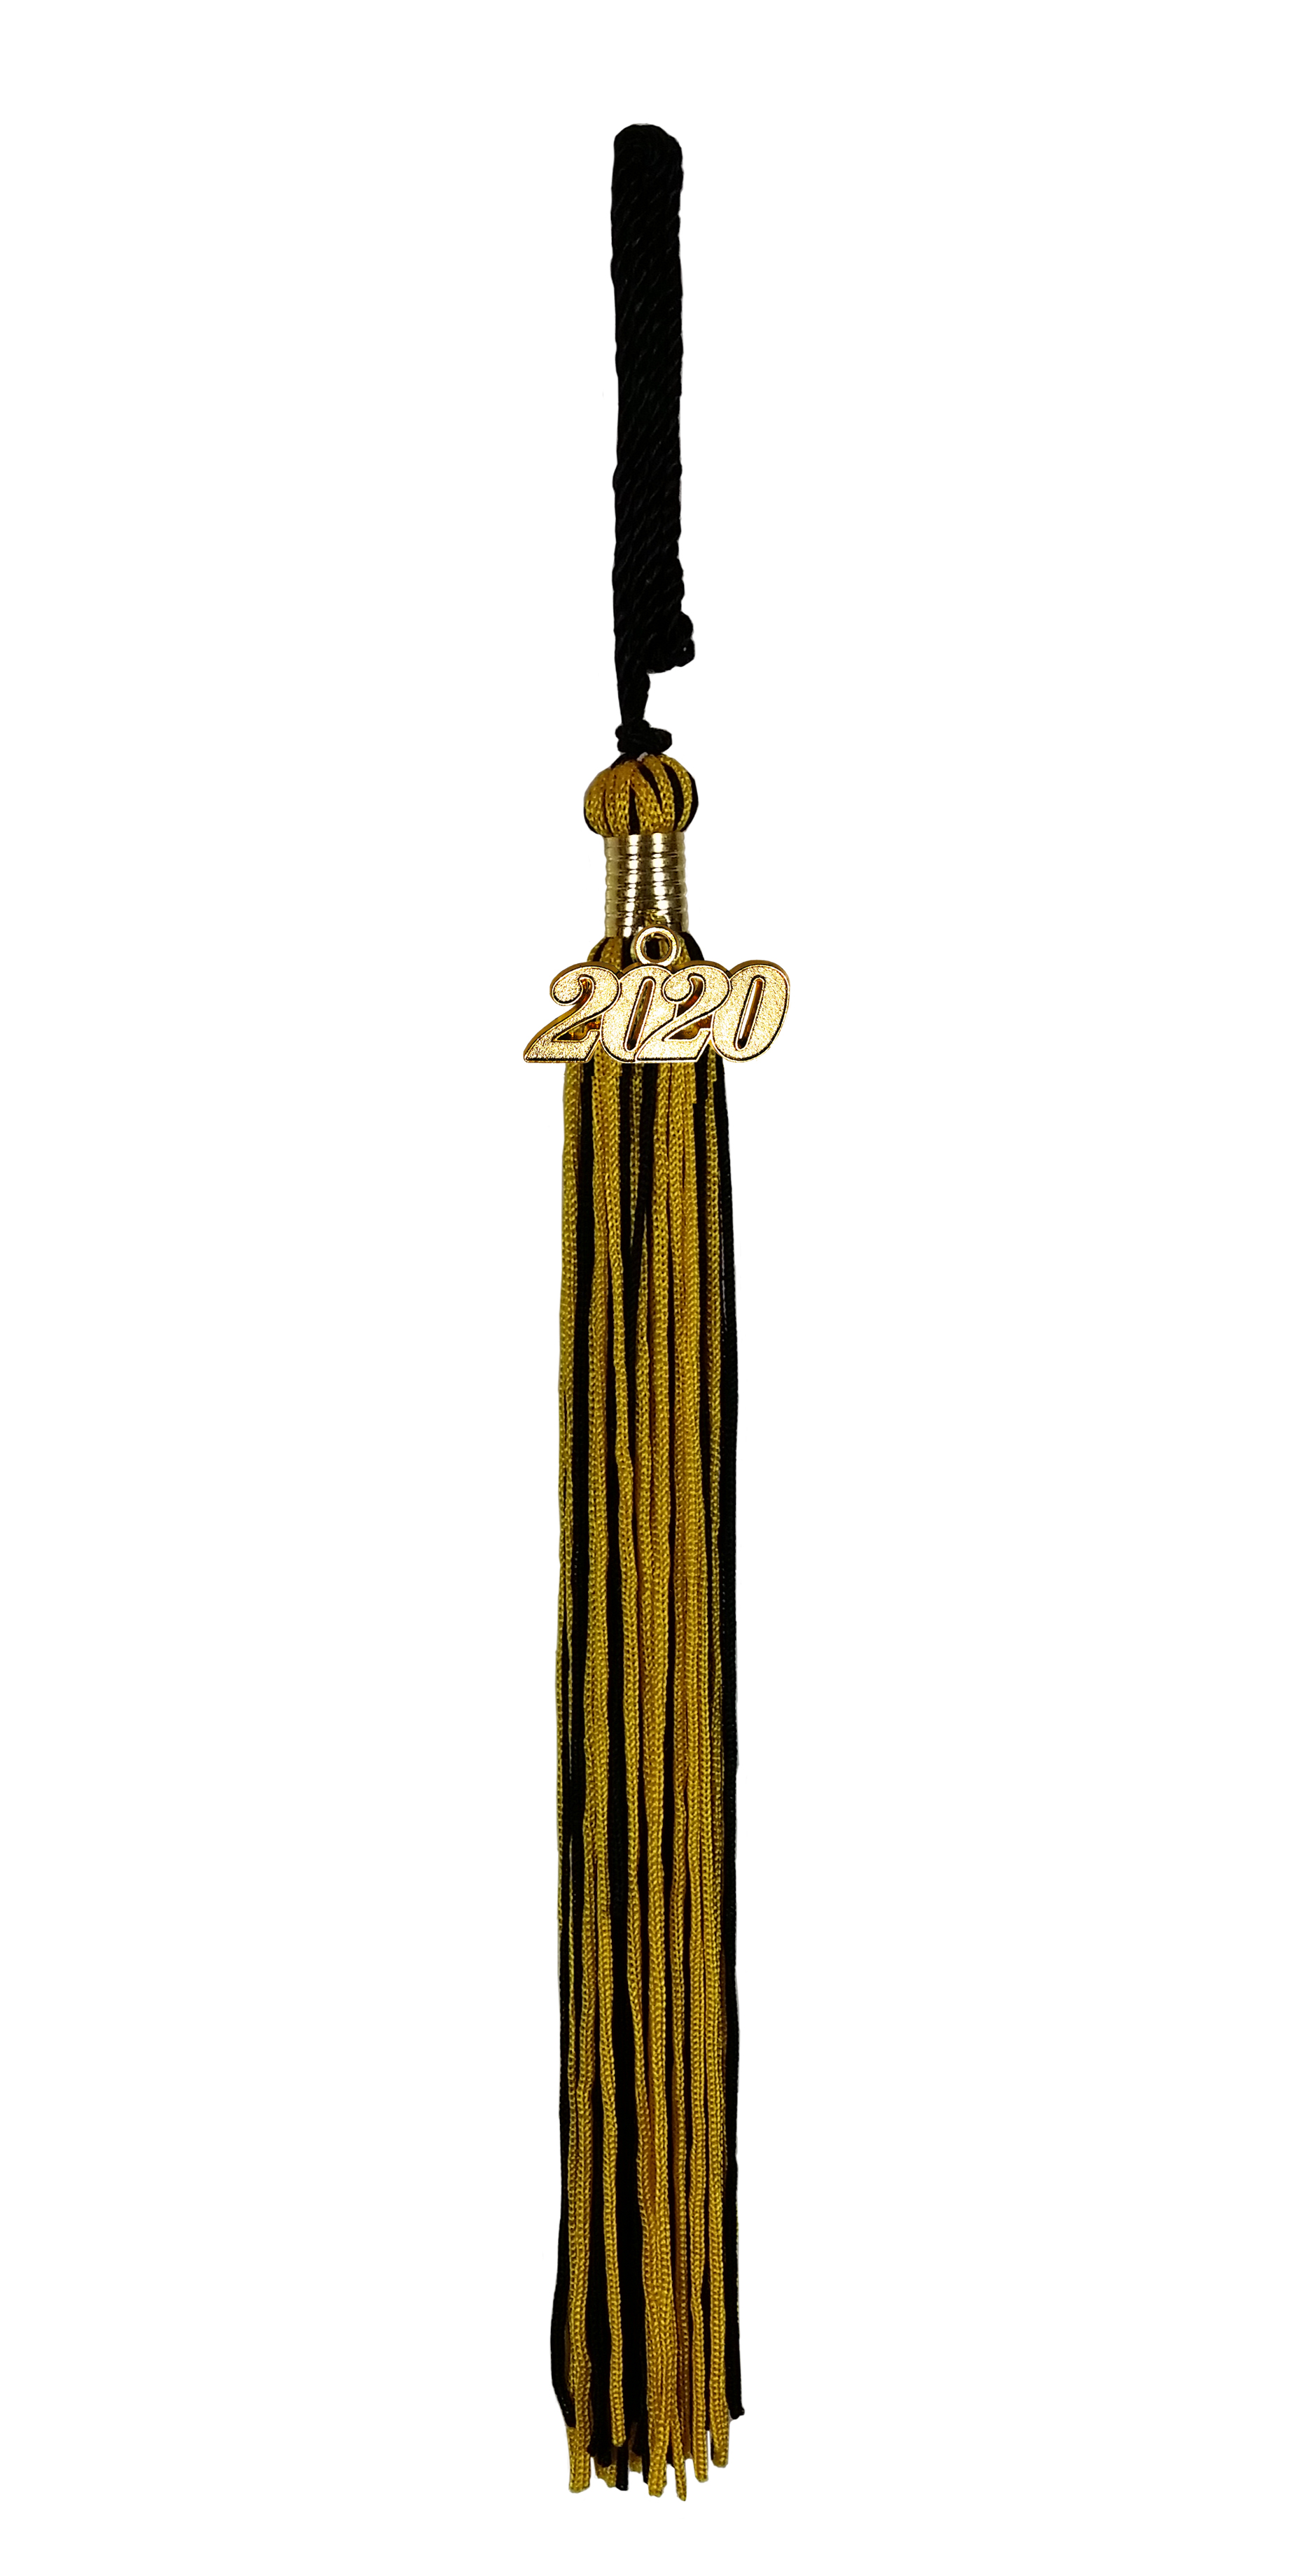 schwarz-gold mit Jahreszahl